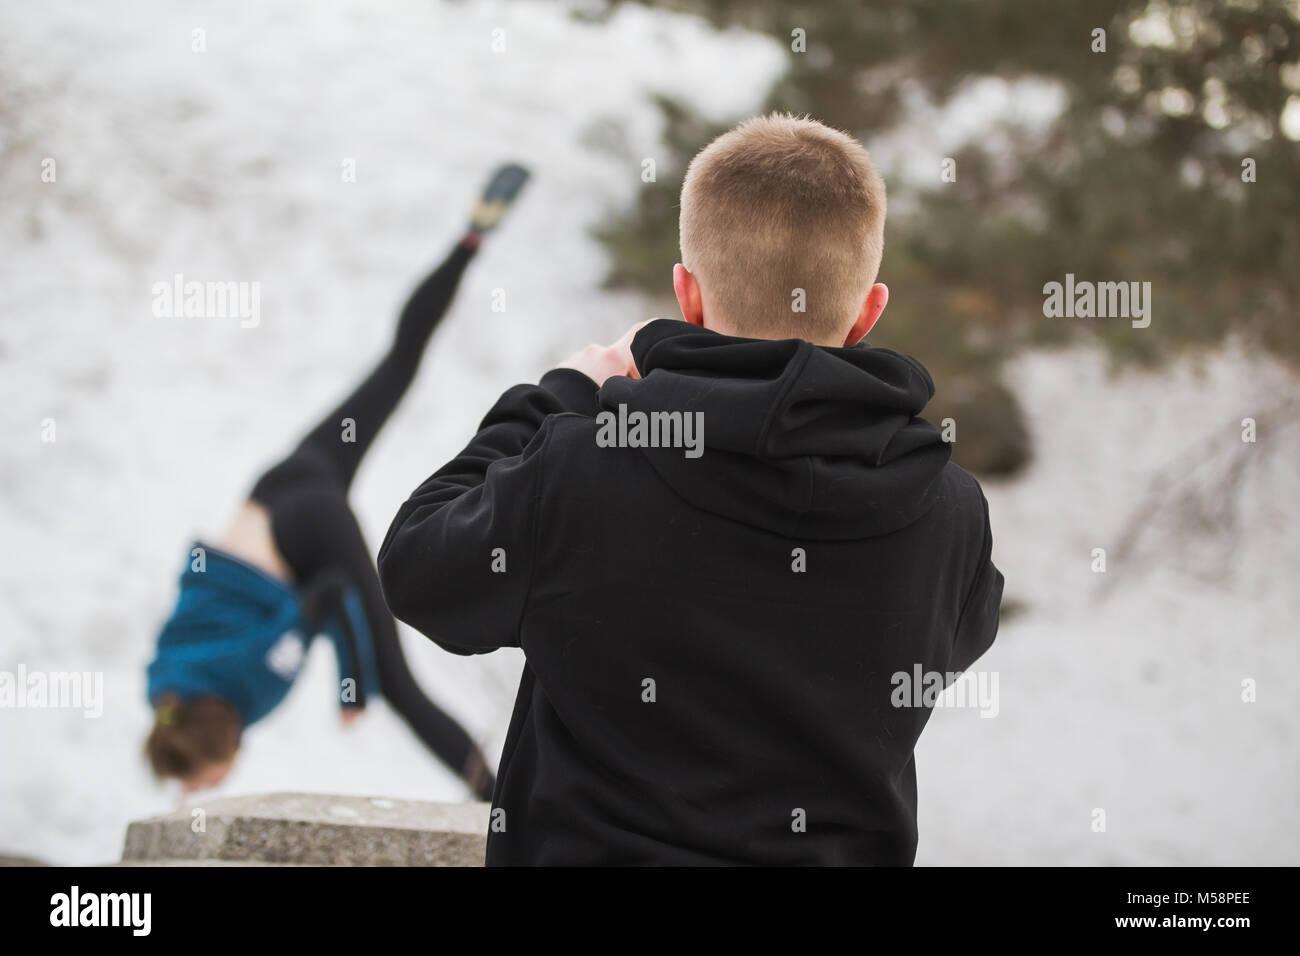 Adolescents à la recherche de saut acrobatique girl in winter city park - parkour concept Photo Stock